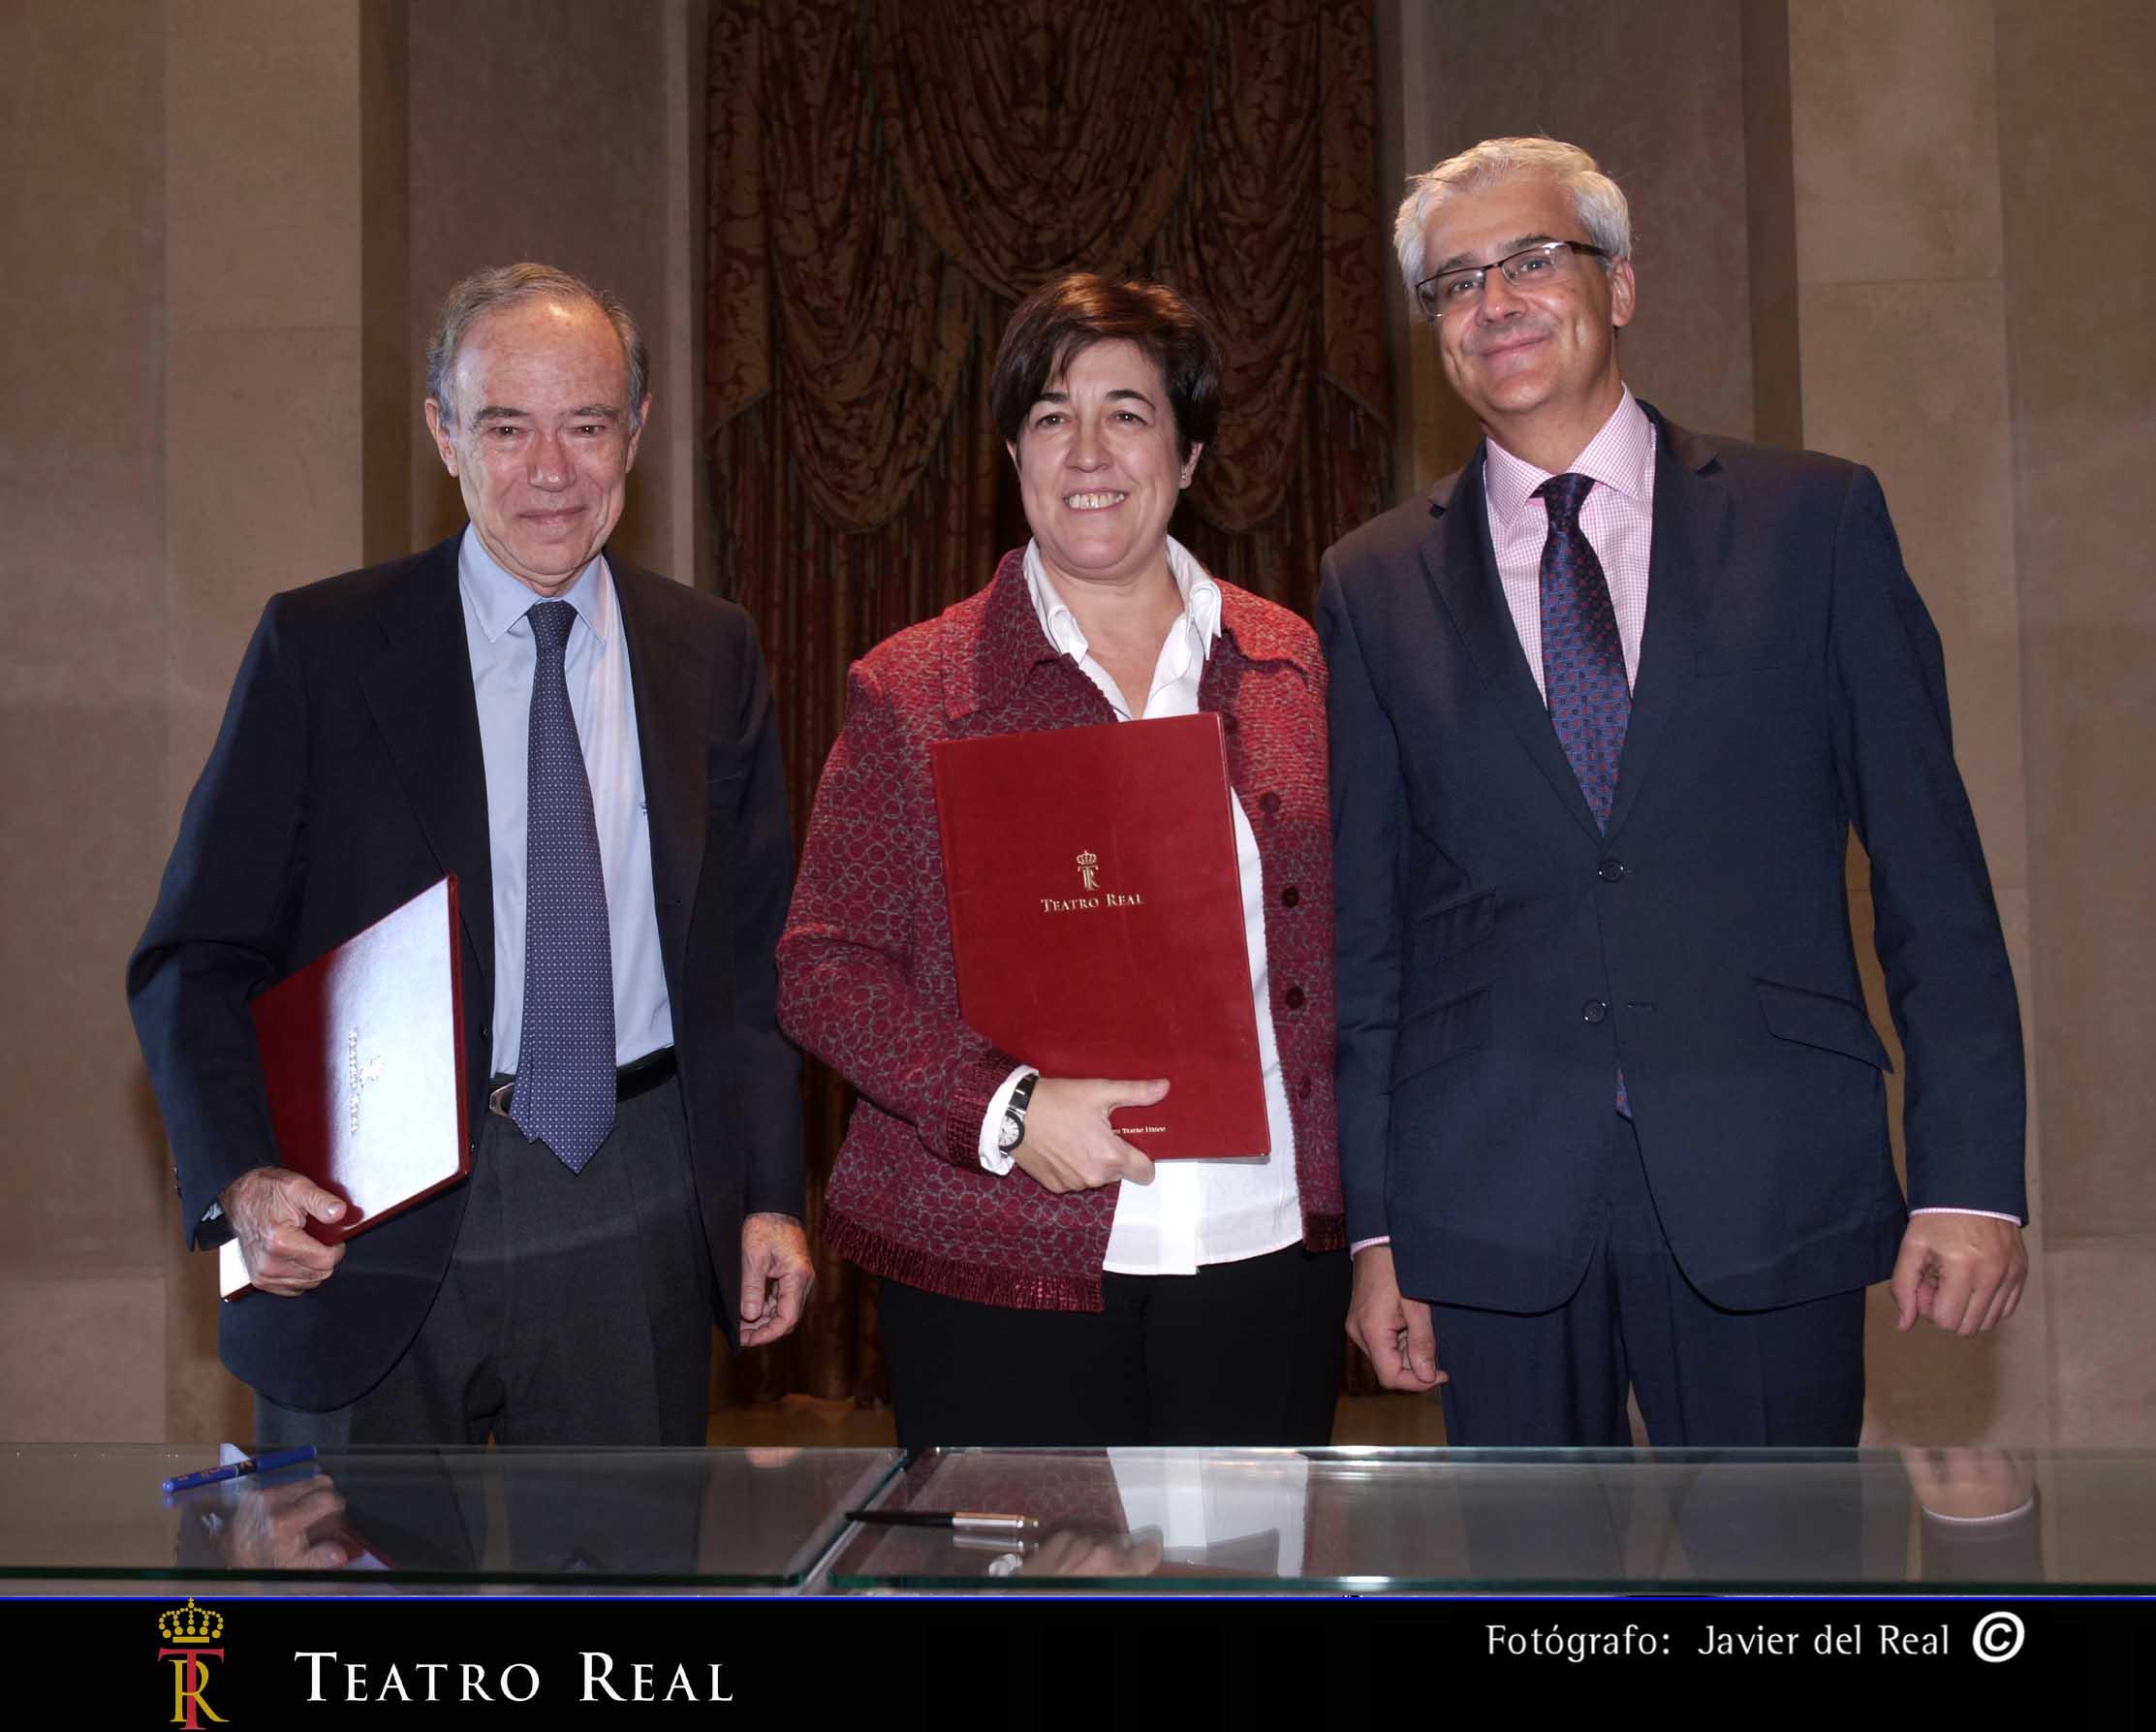 Acuerdo entre el Teatro Real e Hispasat